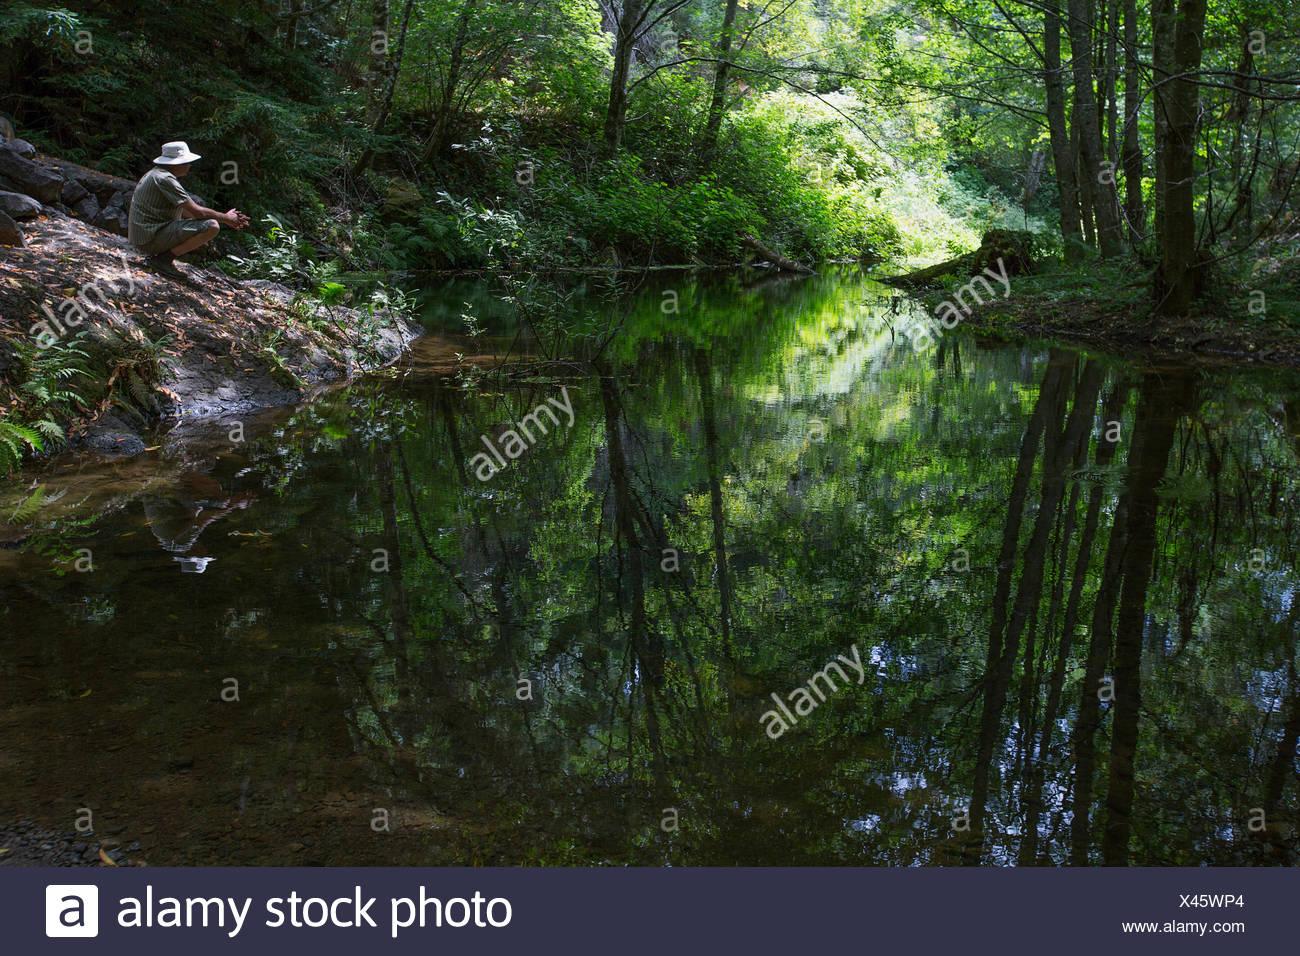 Mann bei ruhiger See im Wald hocken Stockbild